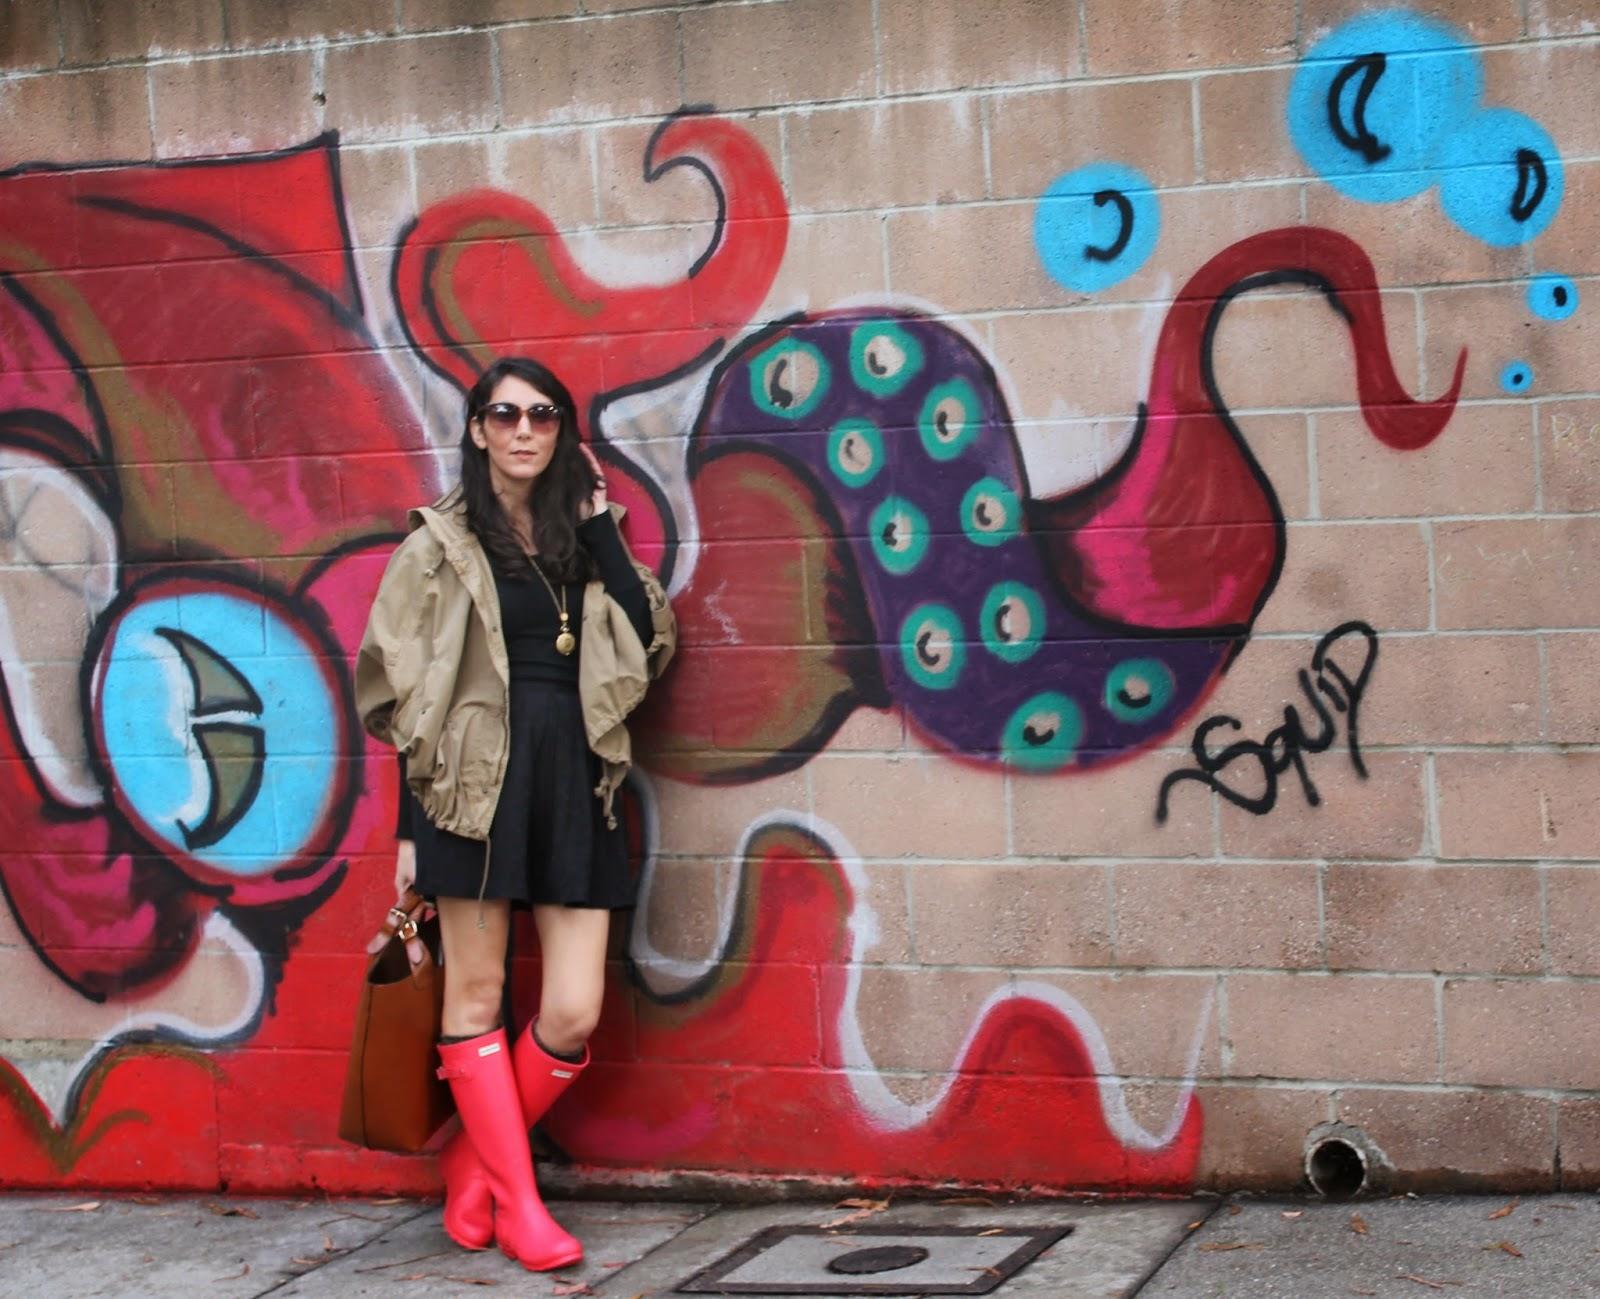 graffiti and fashion